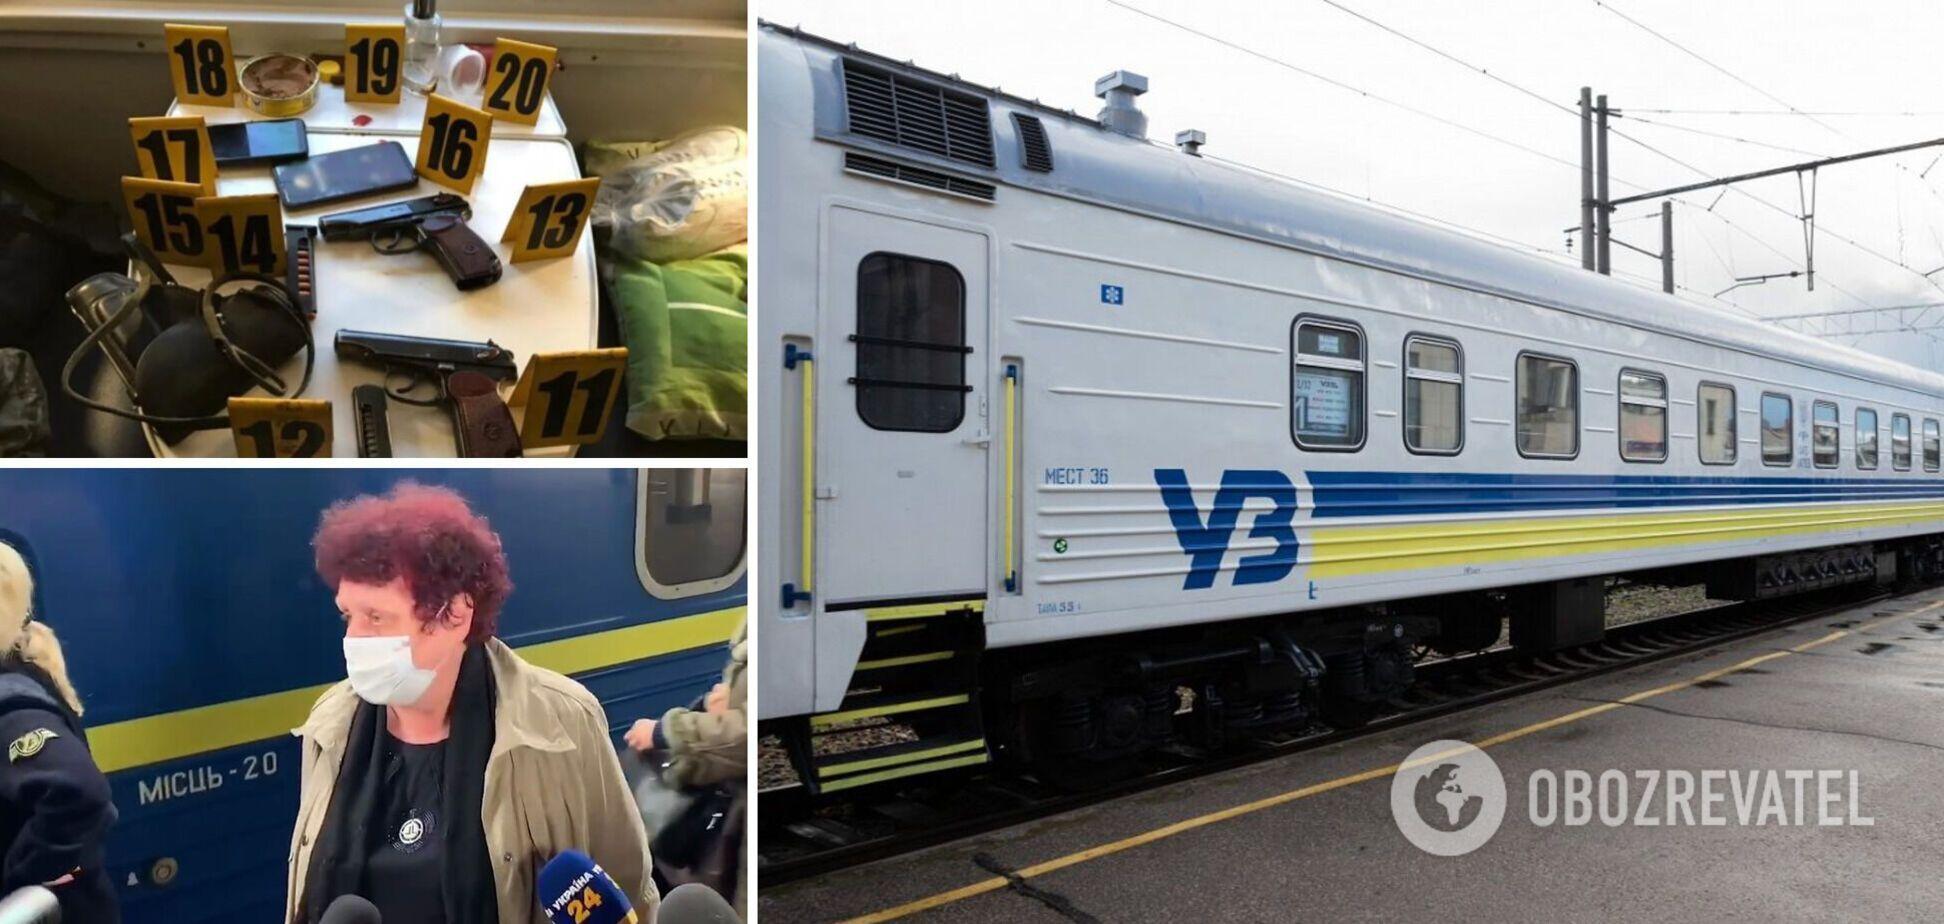 Пасажирка поїзда з Костянтинівки розповіла, чому офіцери почали стрілянину. Відео